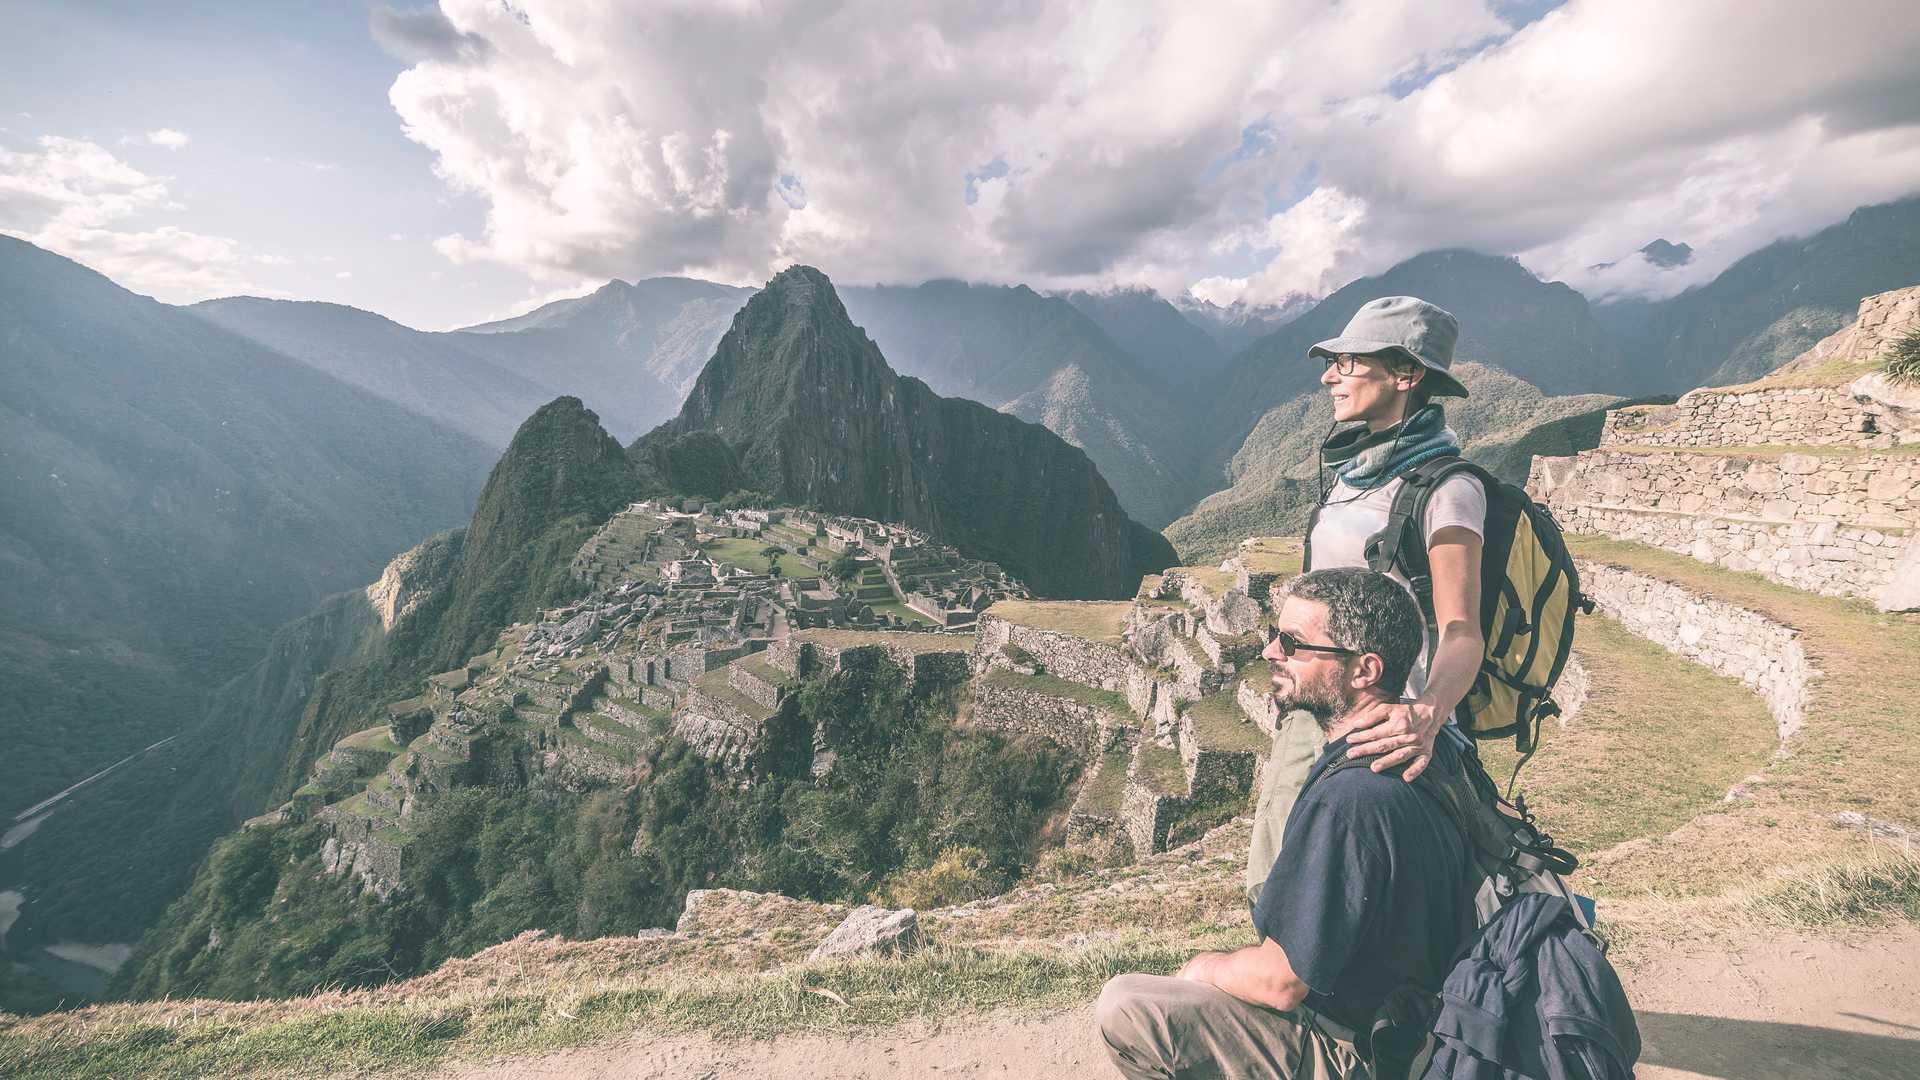 Classic Inca Trail Trek to Machu Picchu - Couple at Machu Picchu